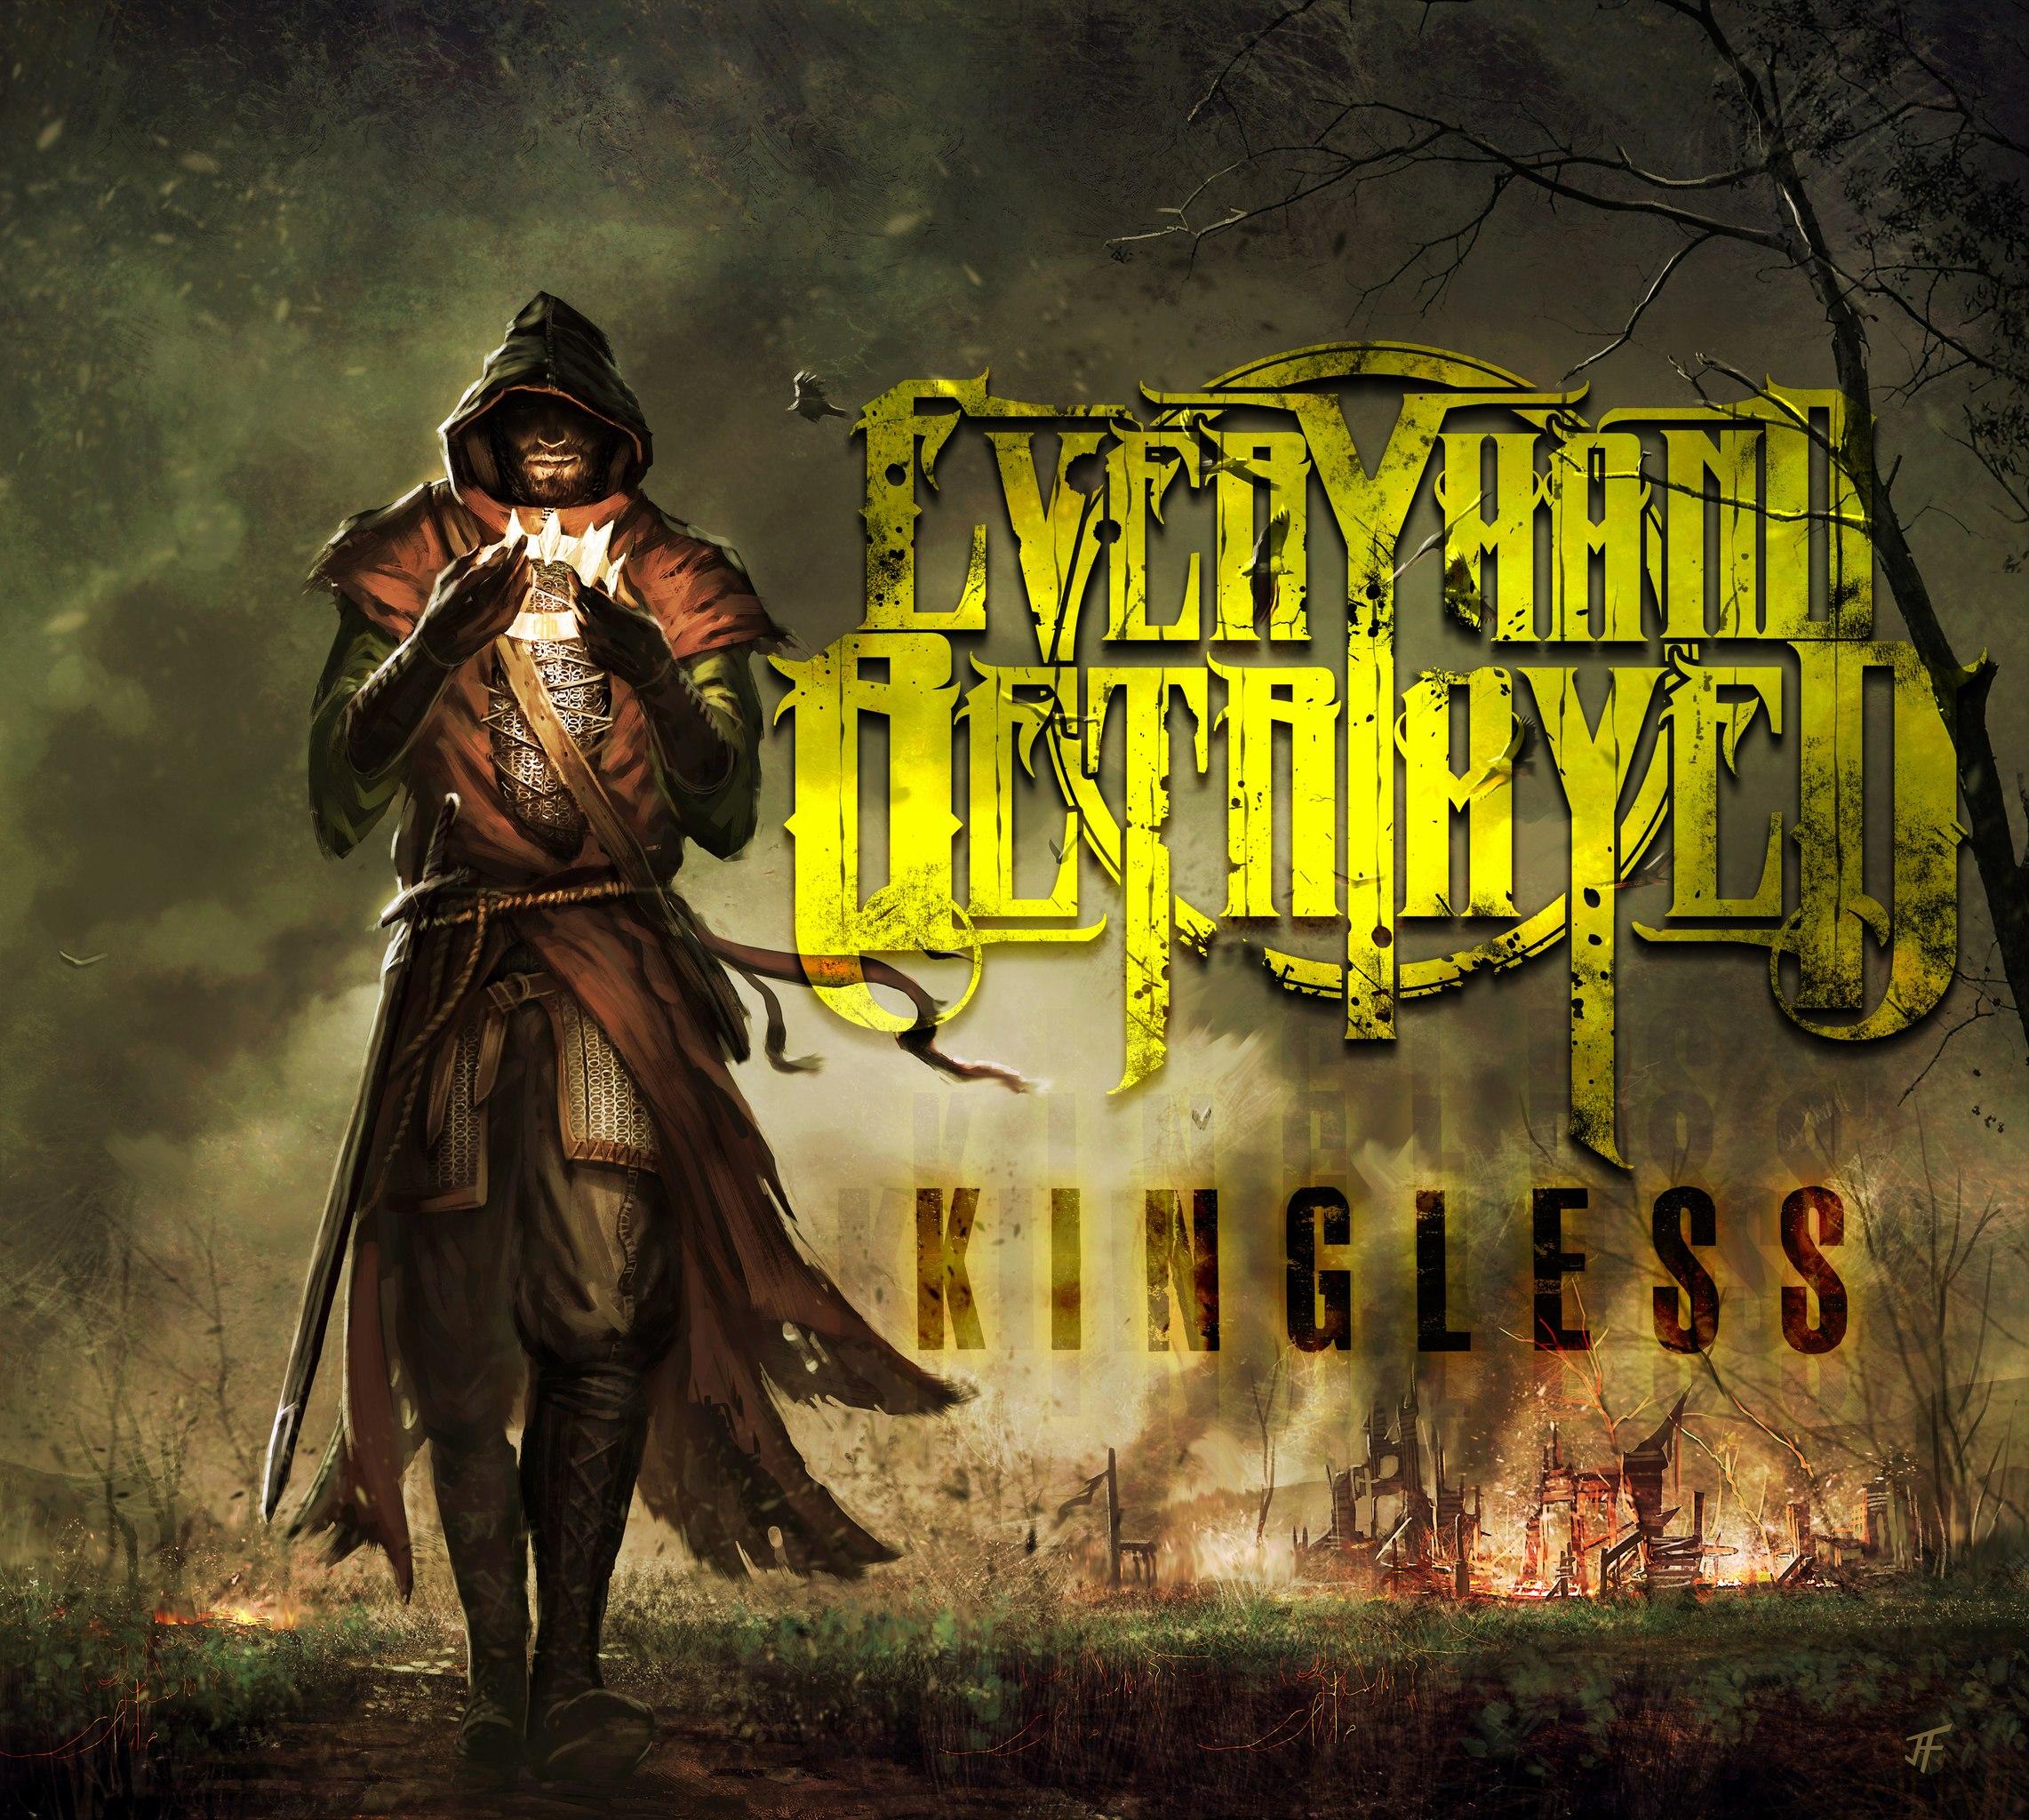 Every Hand Betrayed - Kingless (2012)